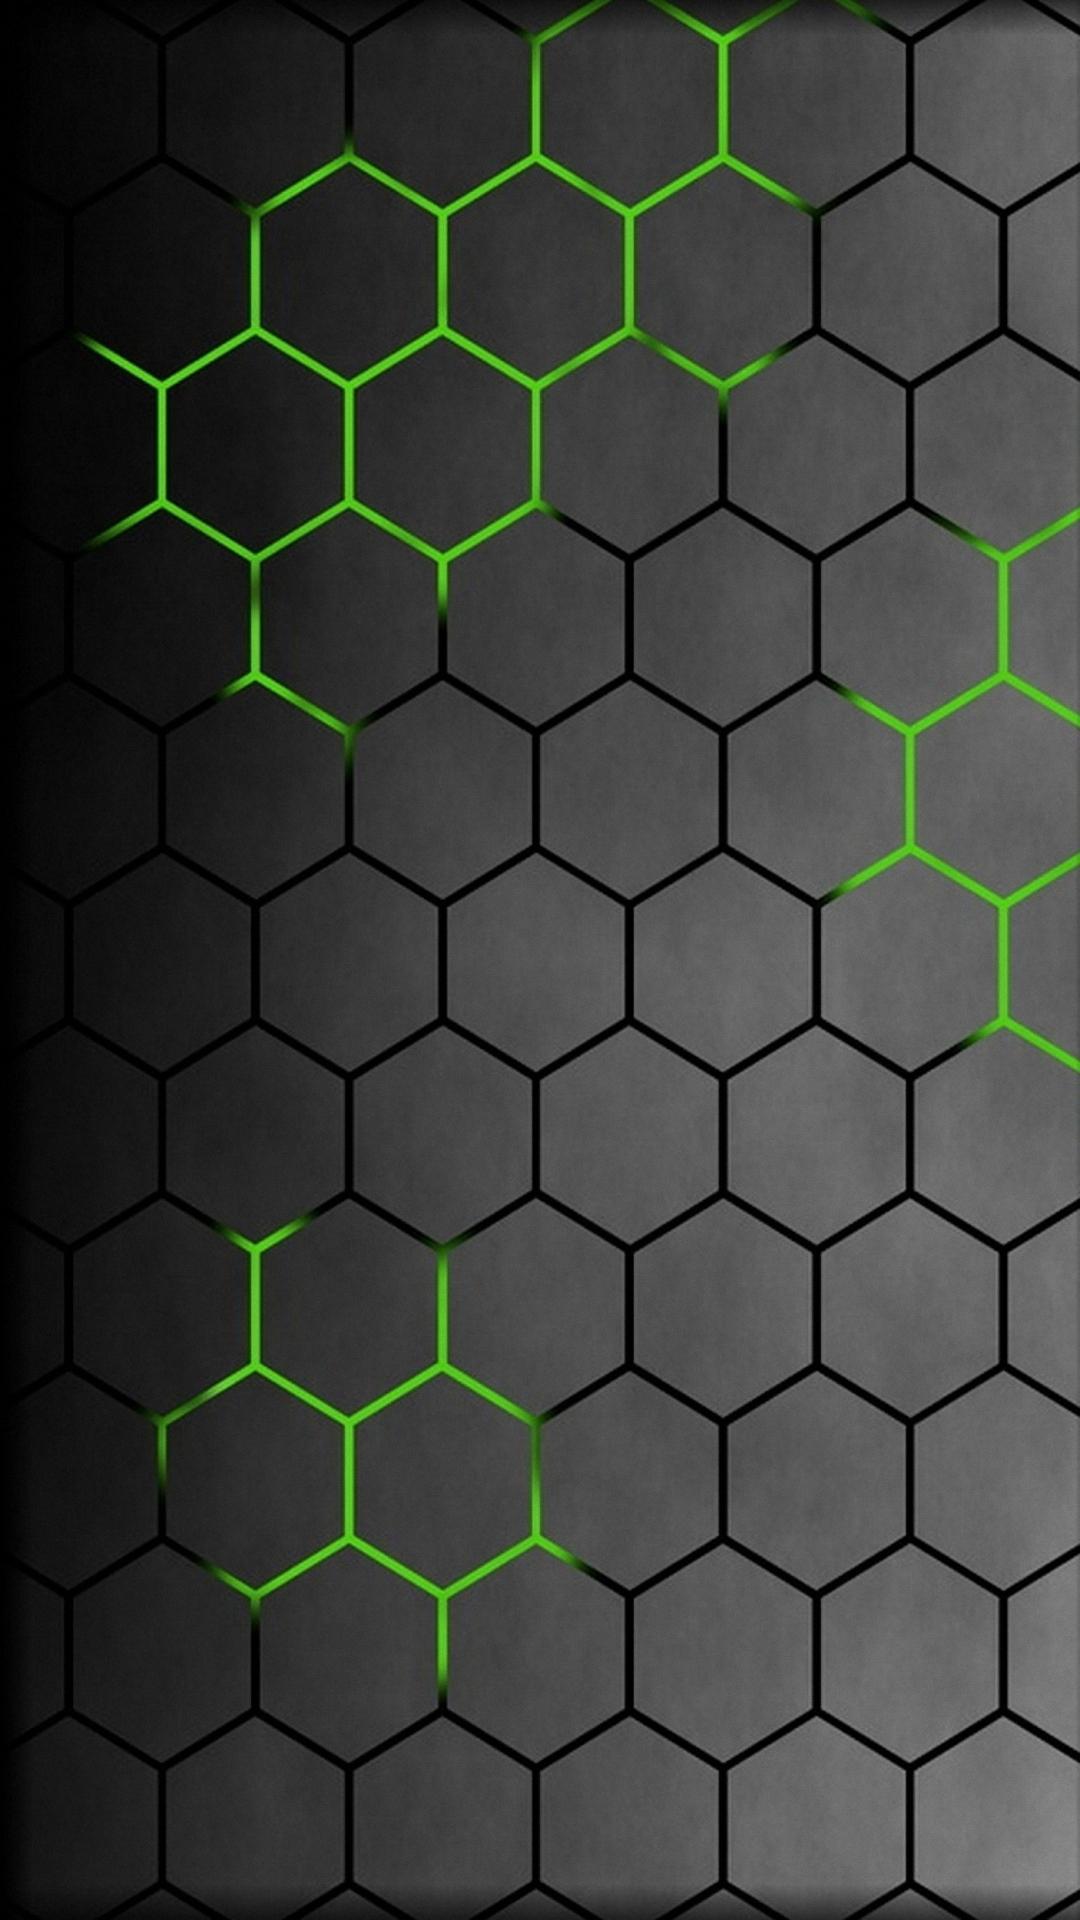 Samsung Galaxy S5 Hd Wallpaper 1080p | www.pixshark.com ...